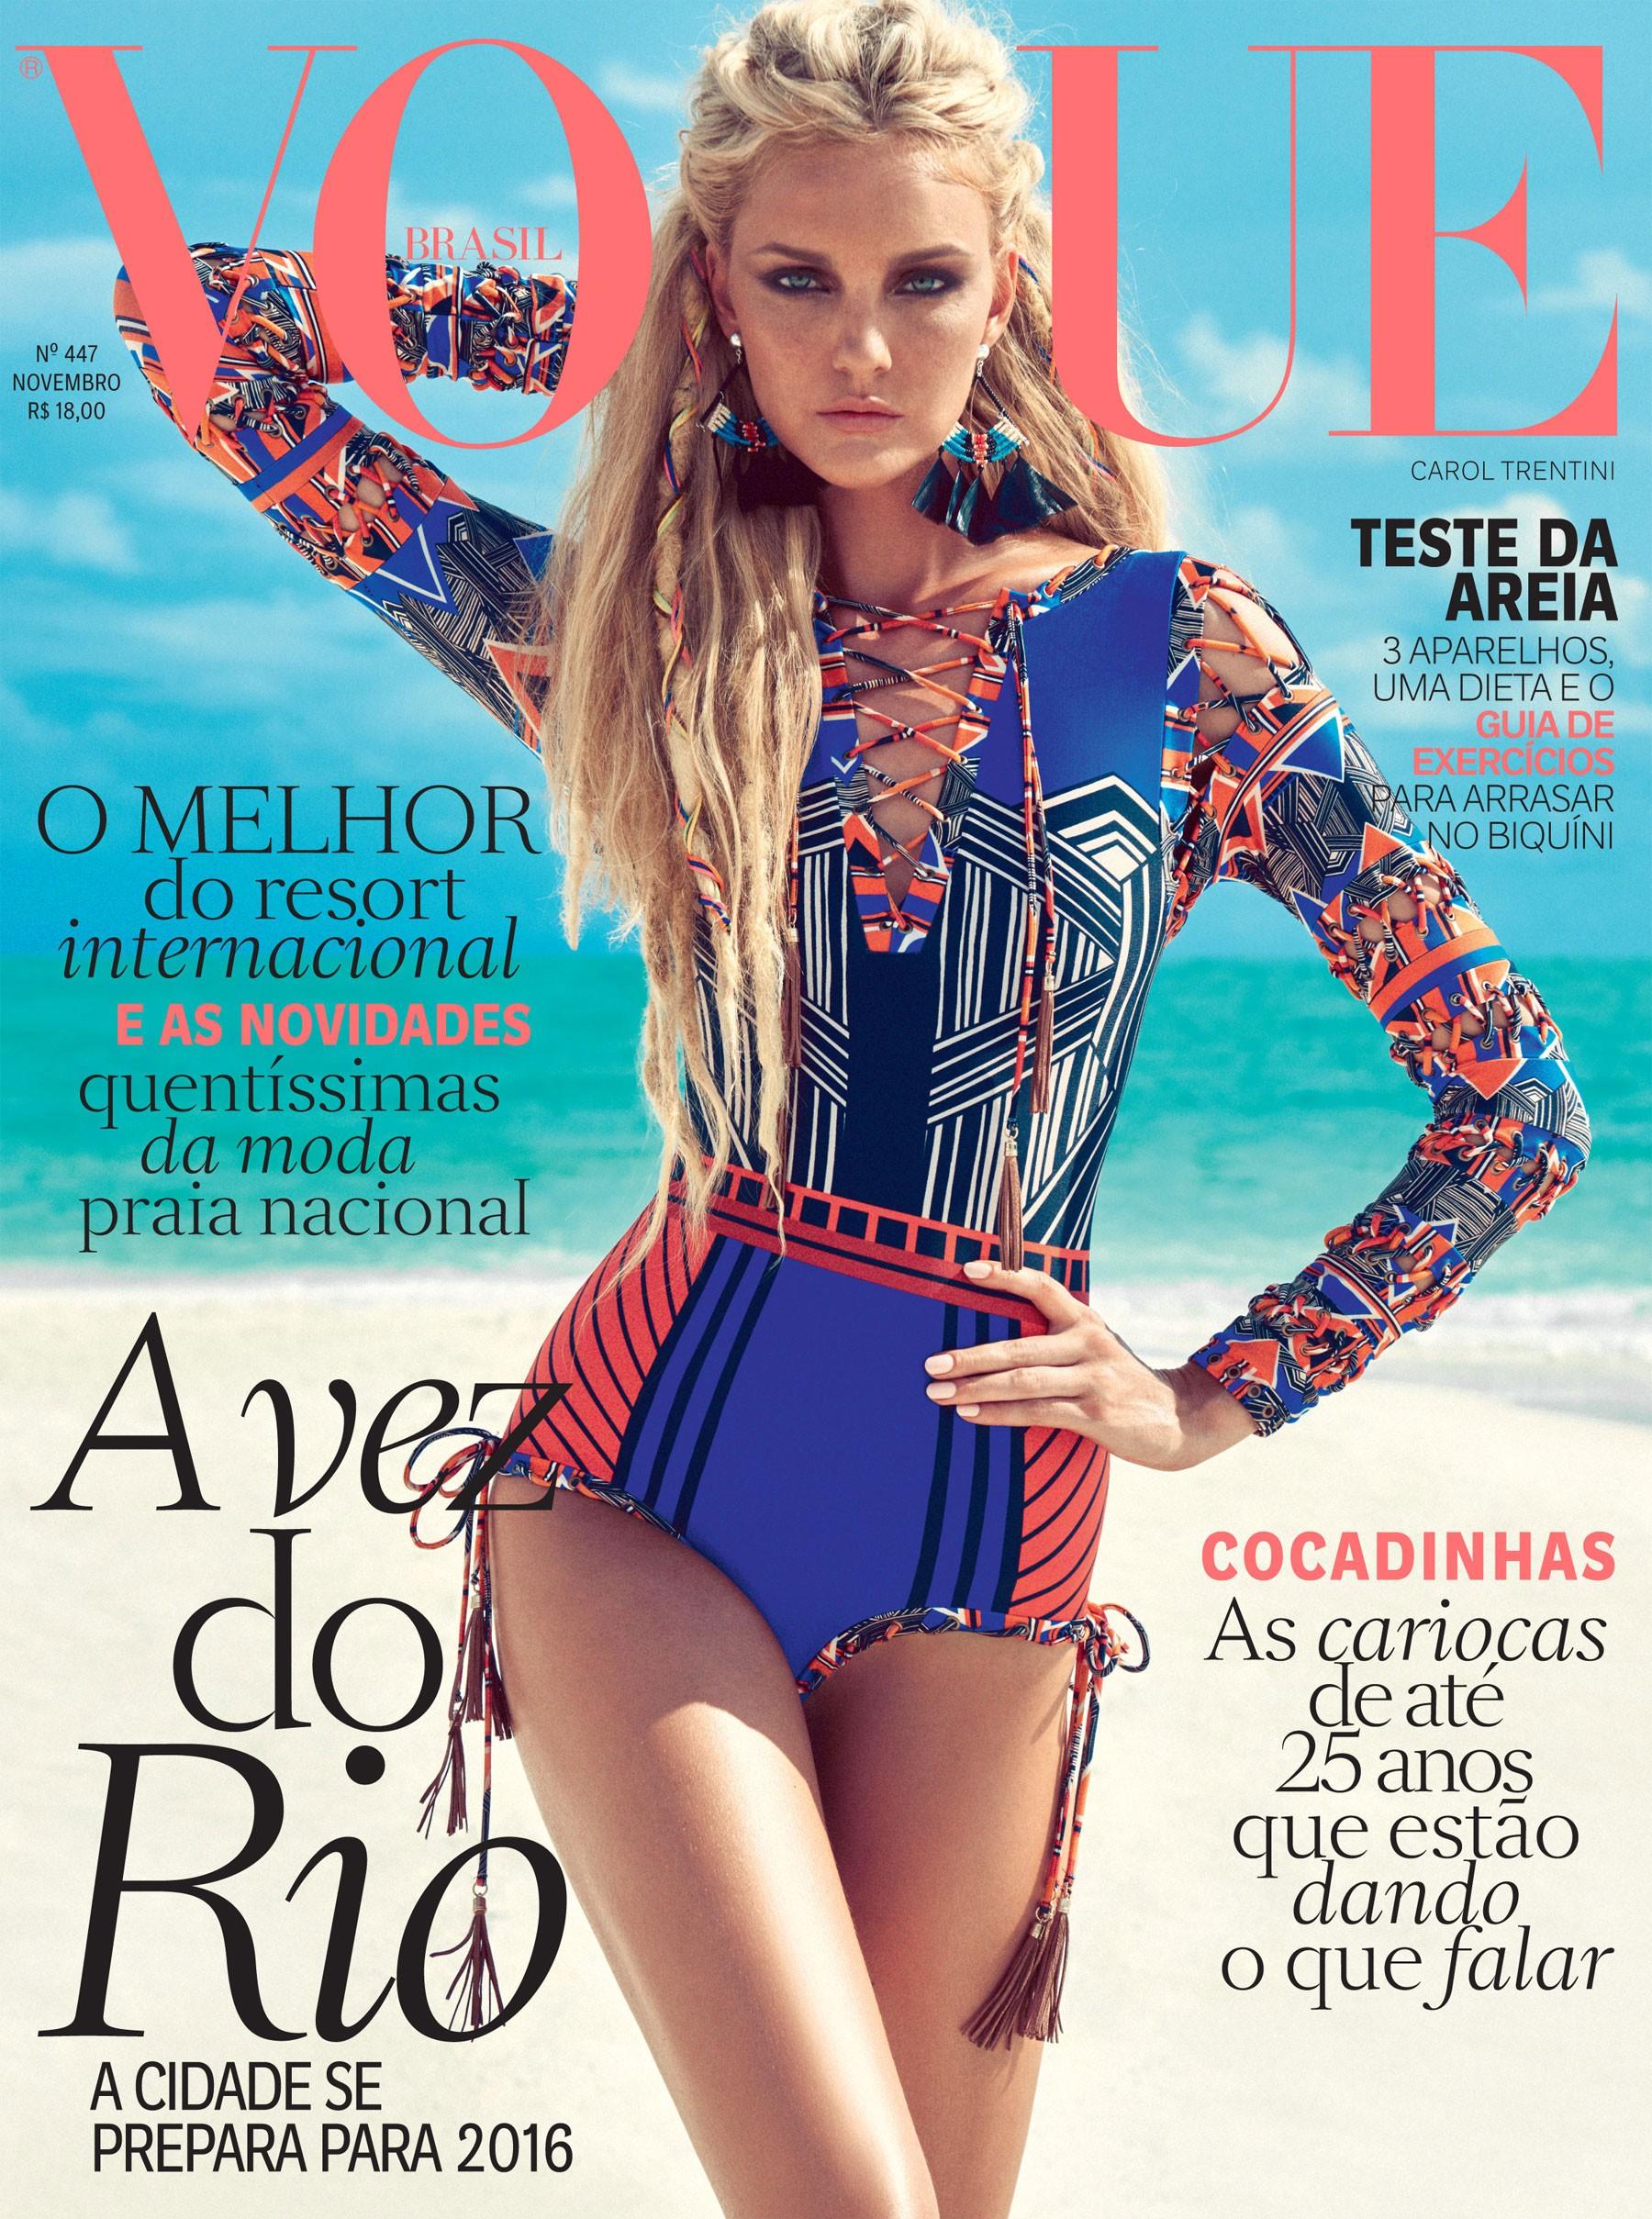 Carol trentini estrela a vogue brasil de novembro vogue news Revista fashion style magazine